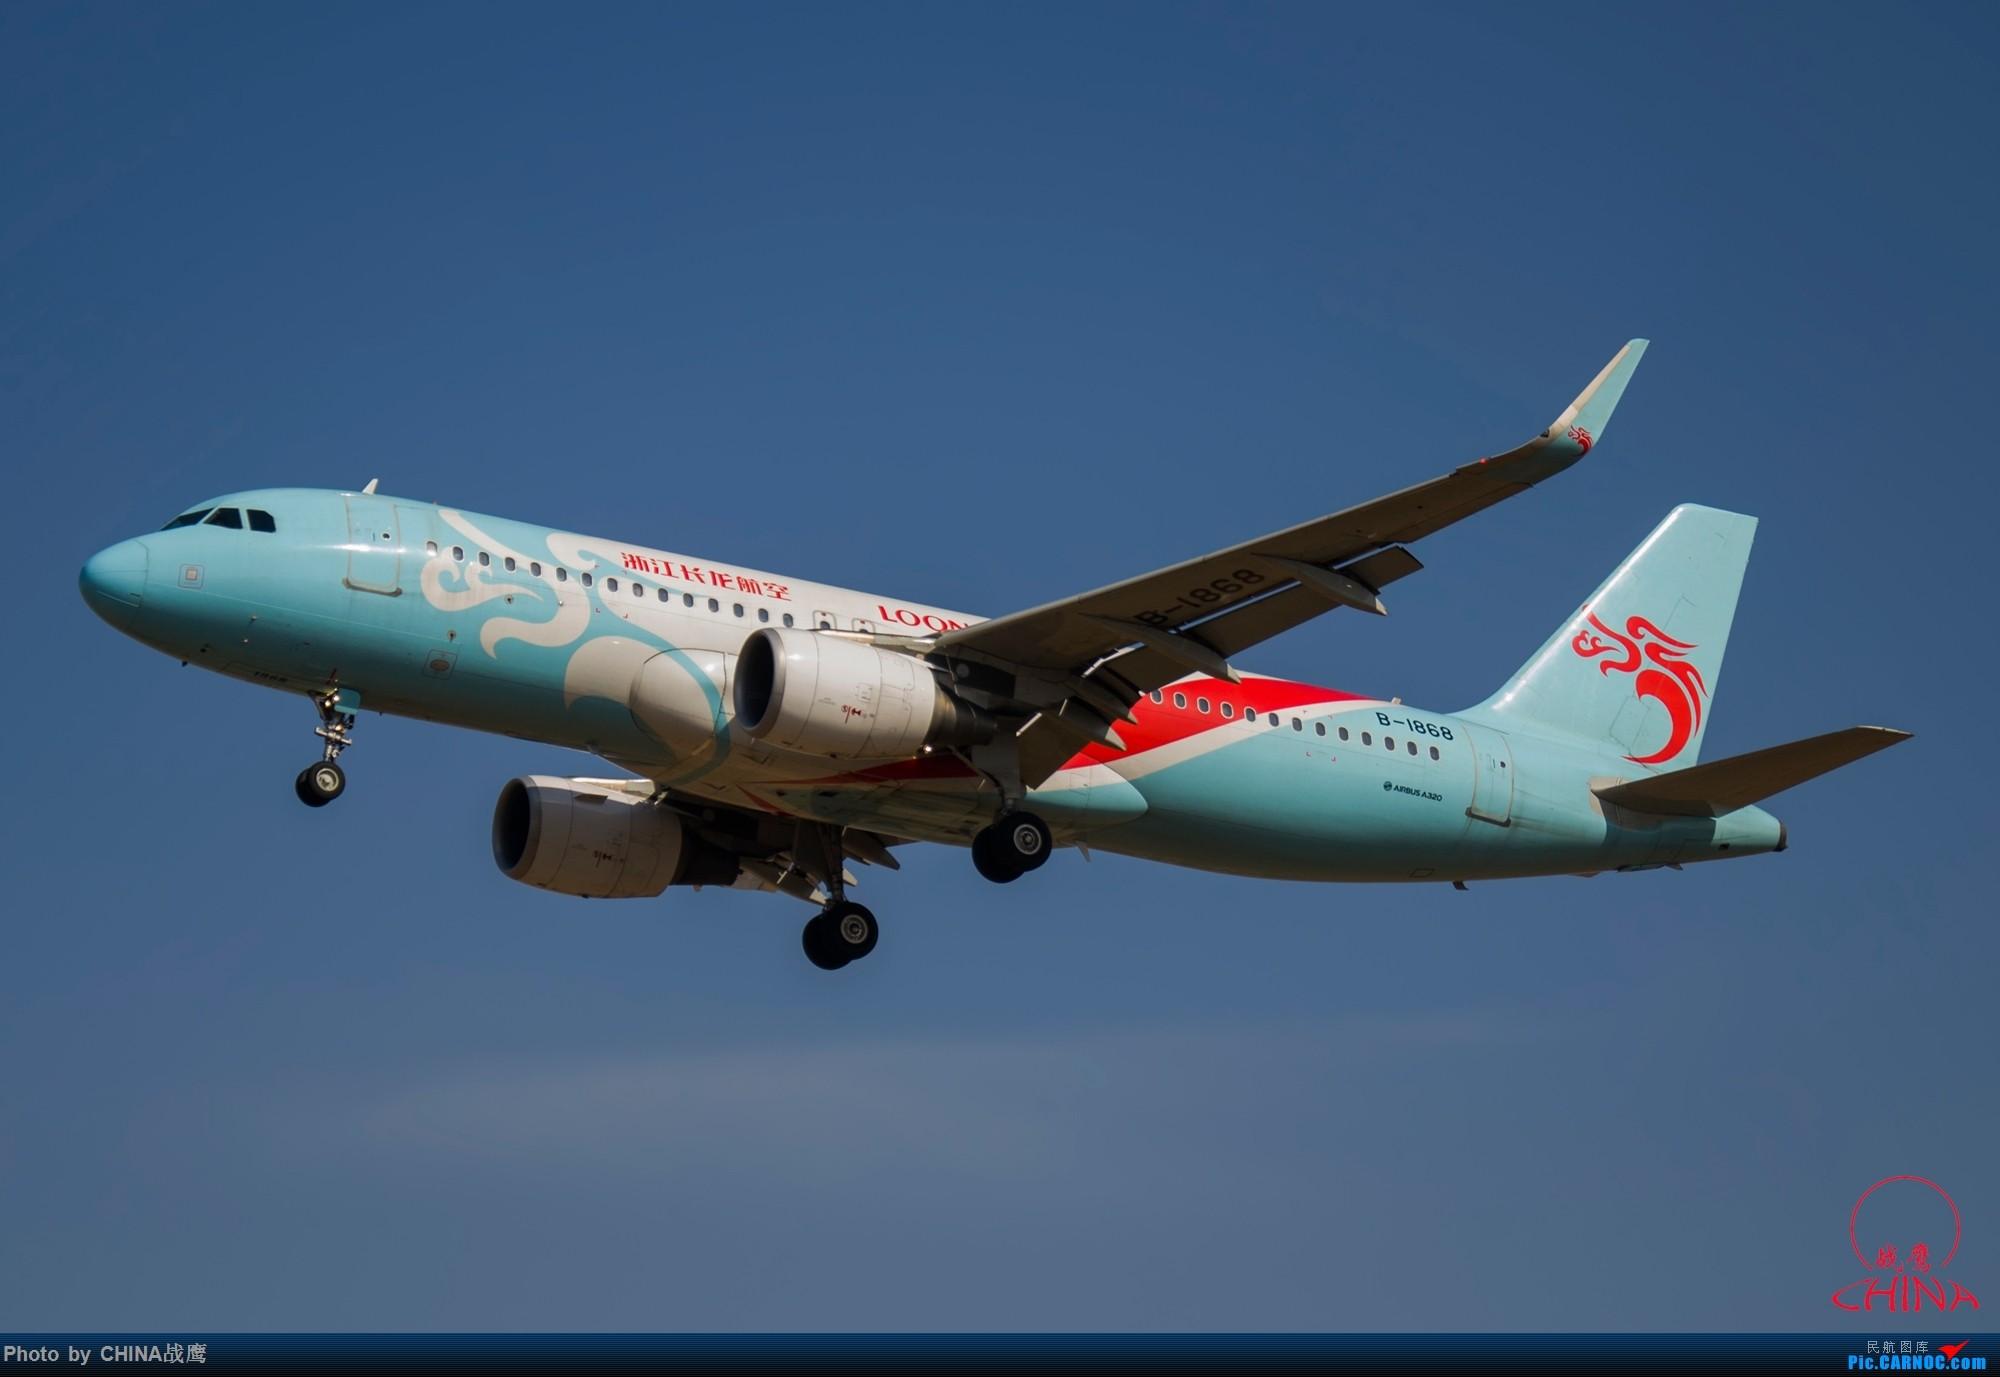 Re:[原创]拍飞机的乐趣 AIRBUS A320-200 B-1868 中国沈阳桃仙国际机场